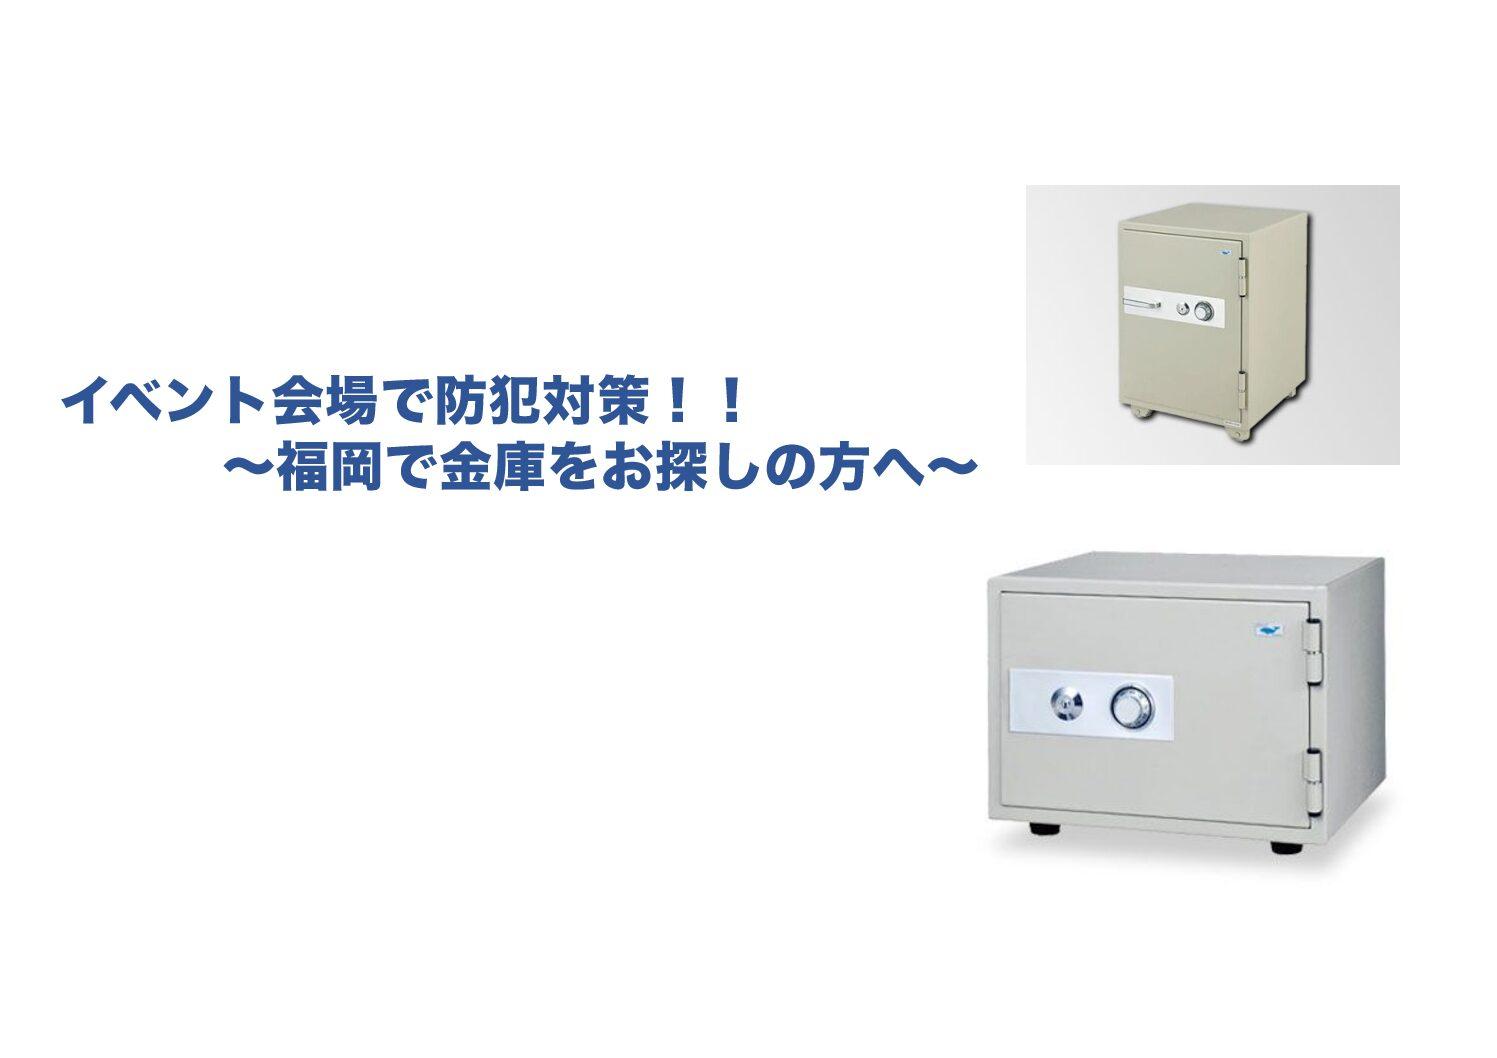 イベントで防犯対策!福岡で金庫をレンタル!